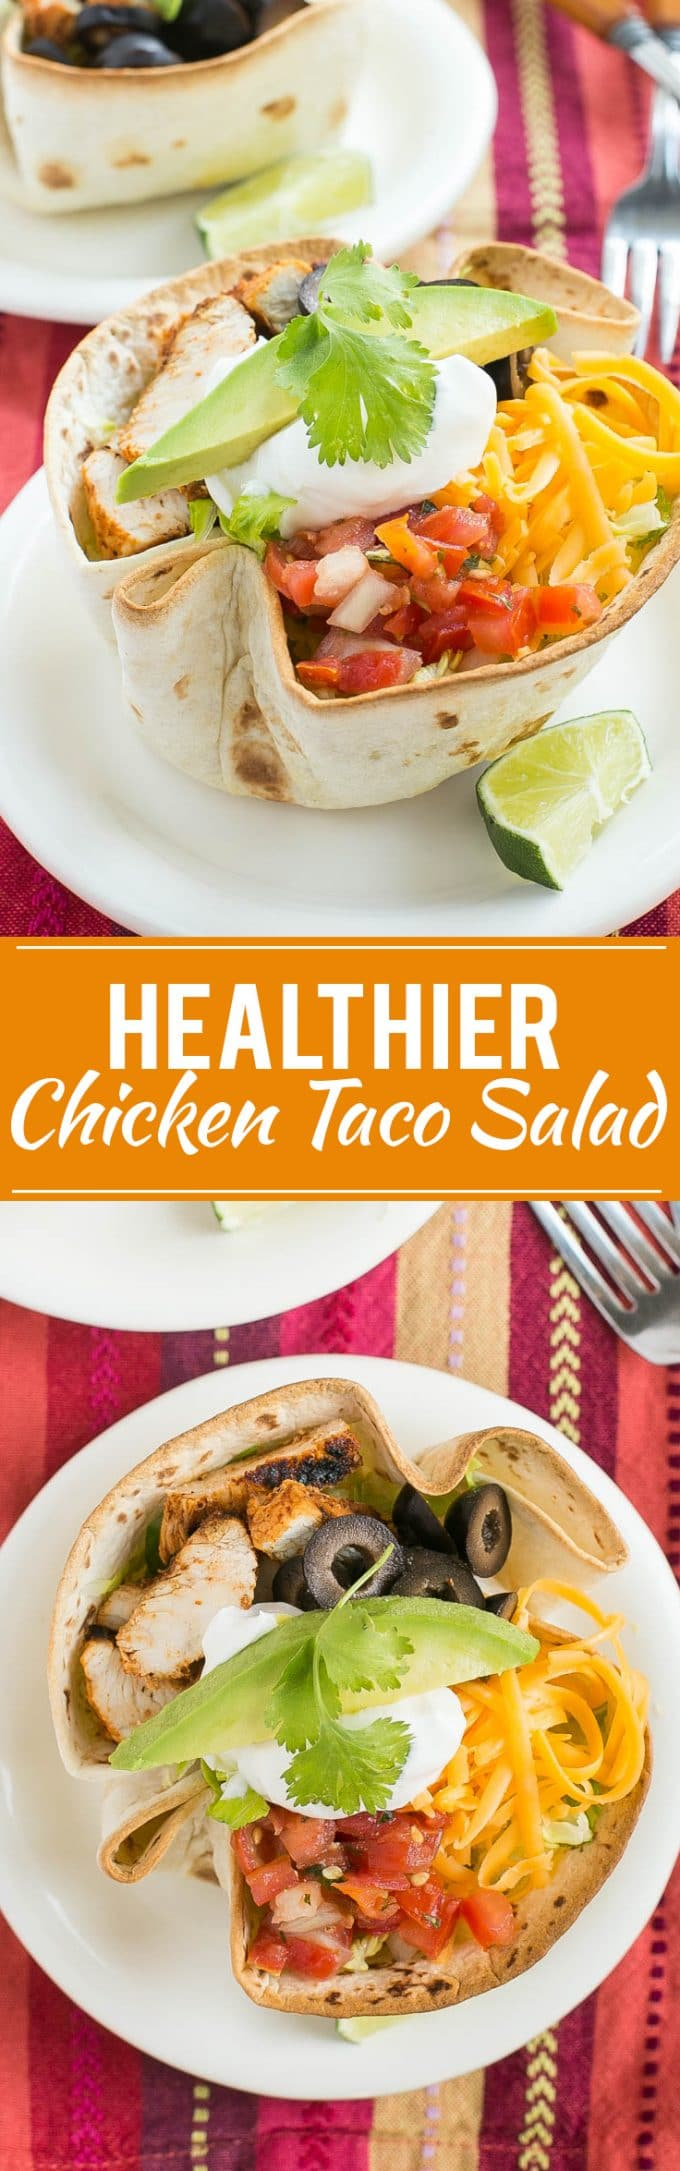 Healthy Chicken Taco Salad Recipe | Easy Chicken Taco Salad | Best Chicken Taco Salad | Chicken Taco Salad With Creamy Cilantro Dressing | Creamy Cilantro Dressing